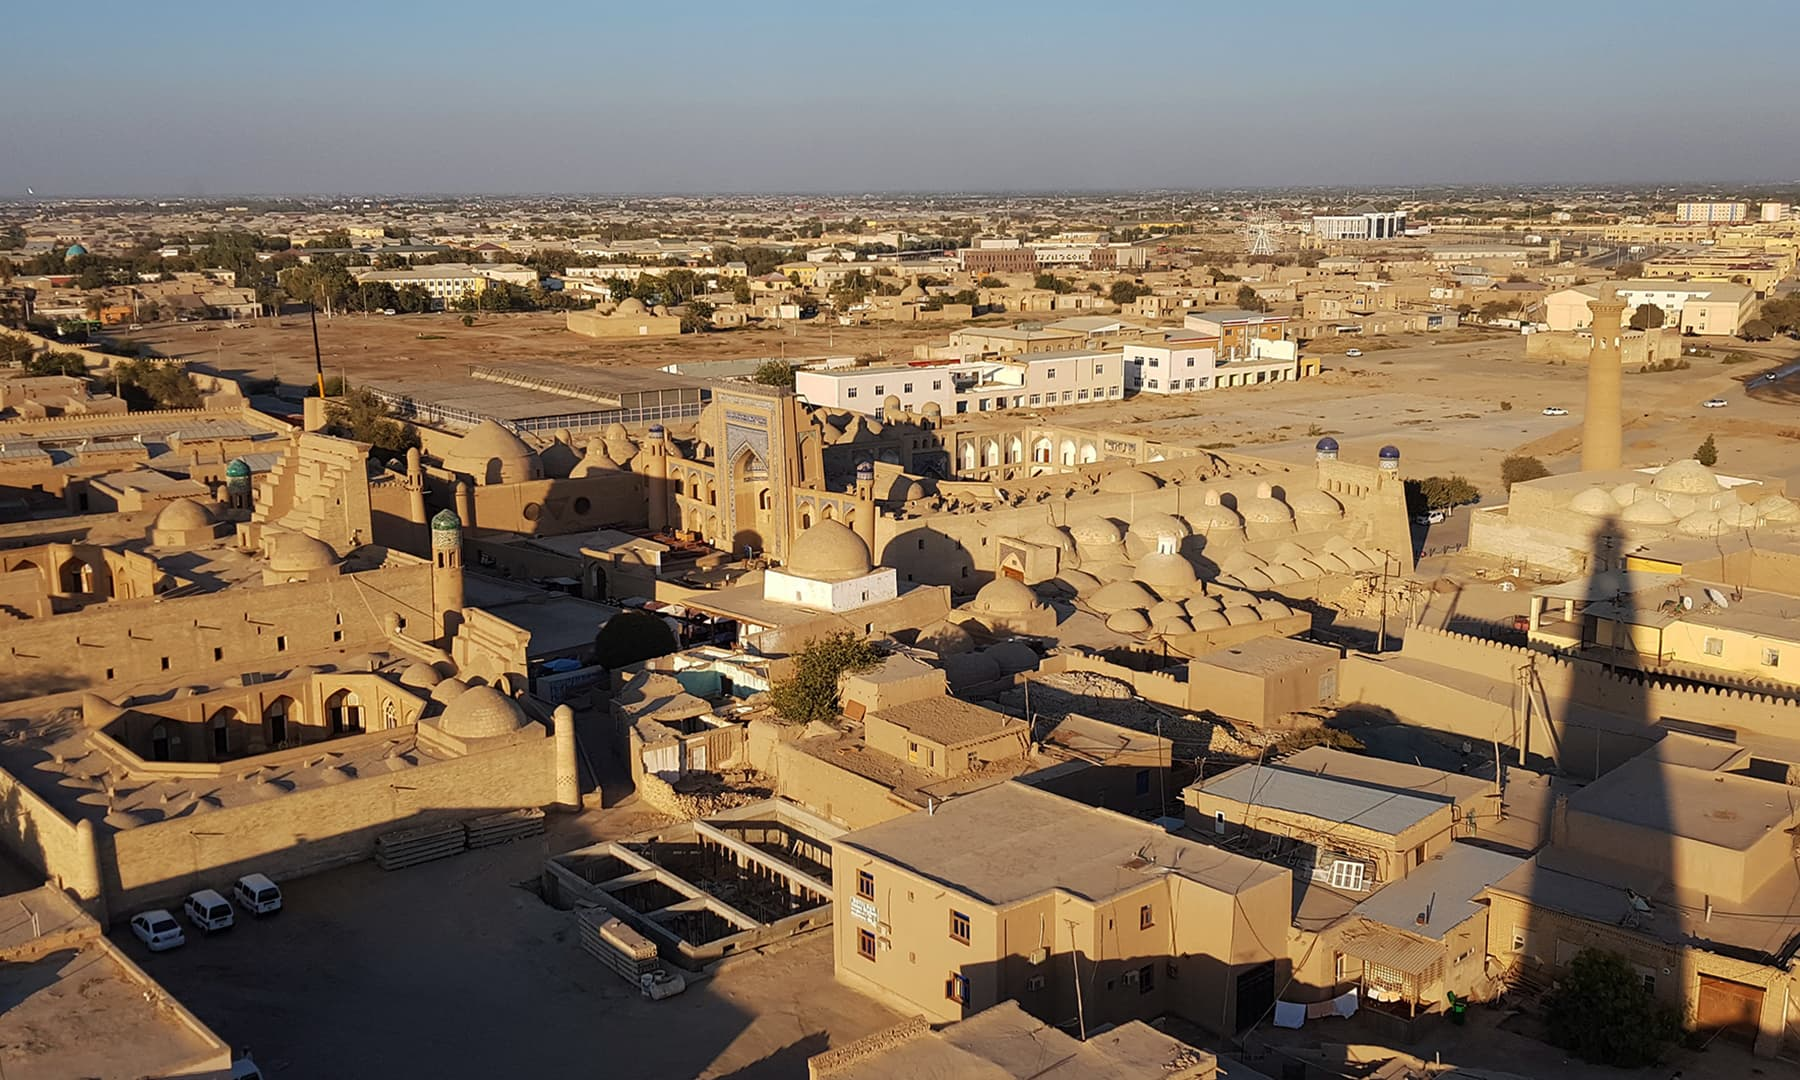 خیوا ماضی کی معروف اور تاریخی 'سلطنت خوارزم' کا صدر مقام تھا